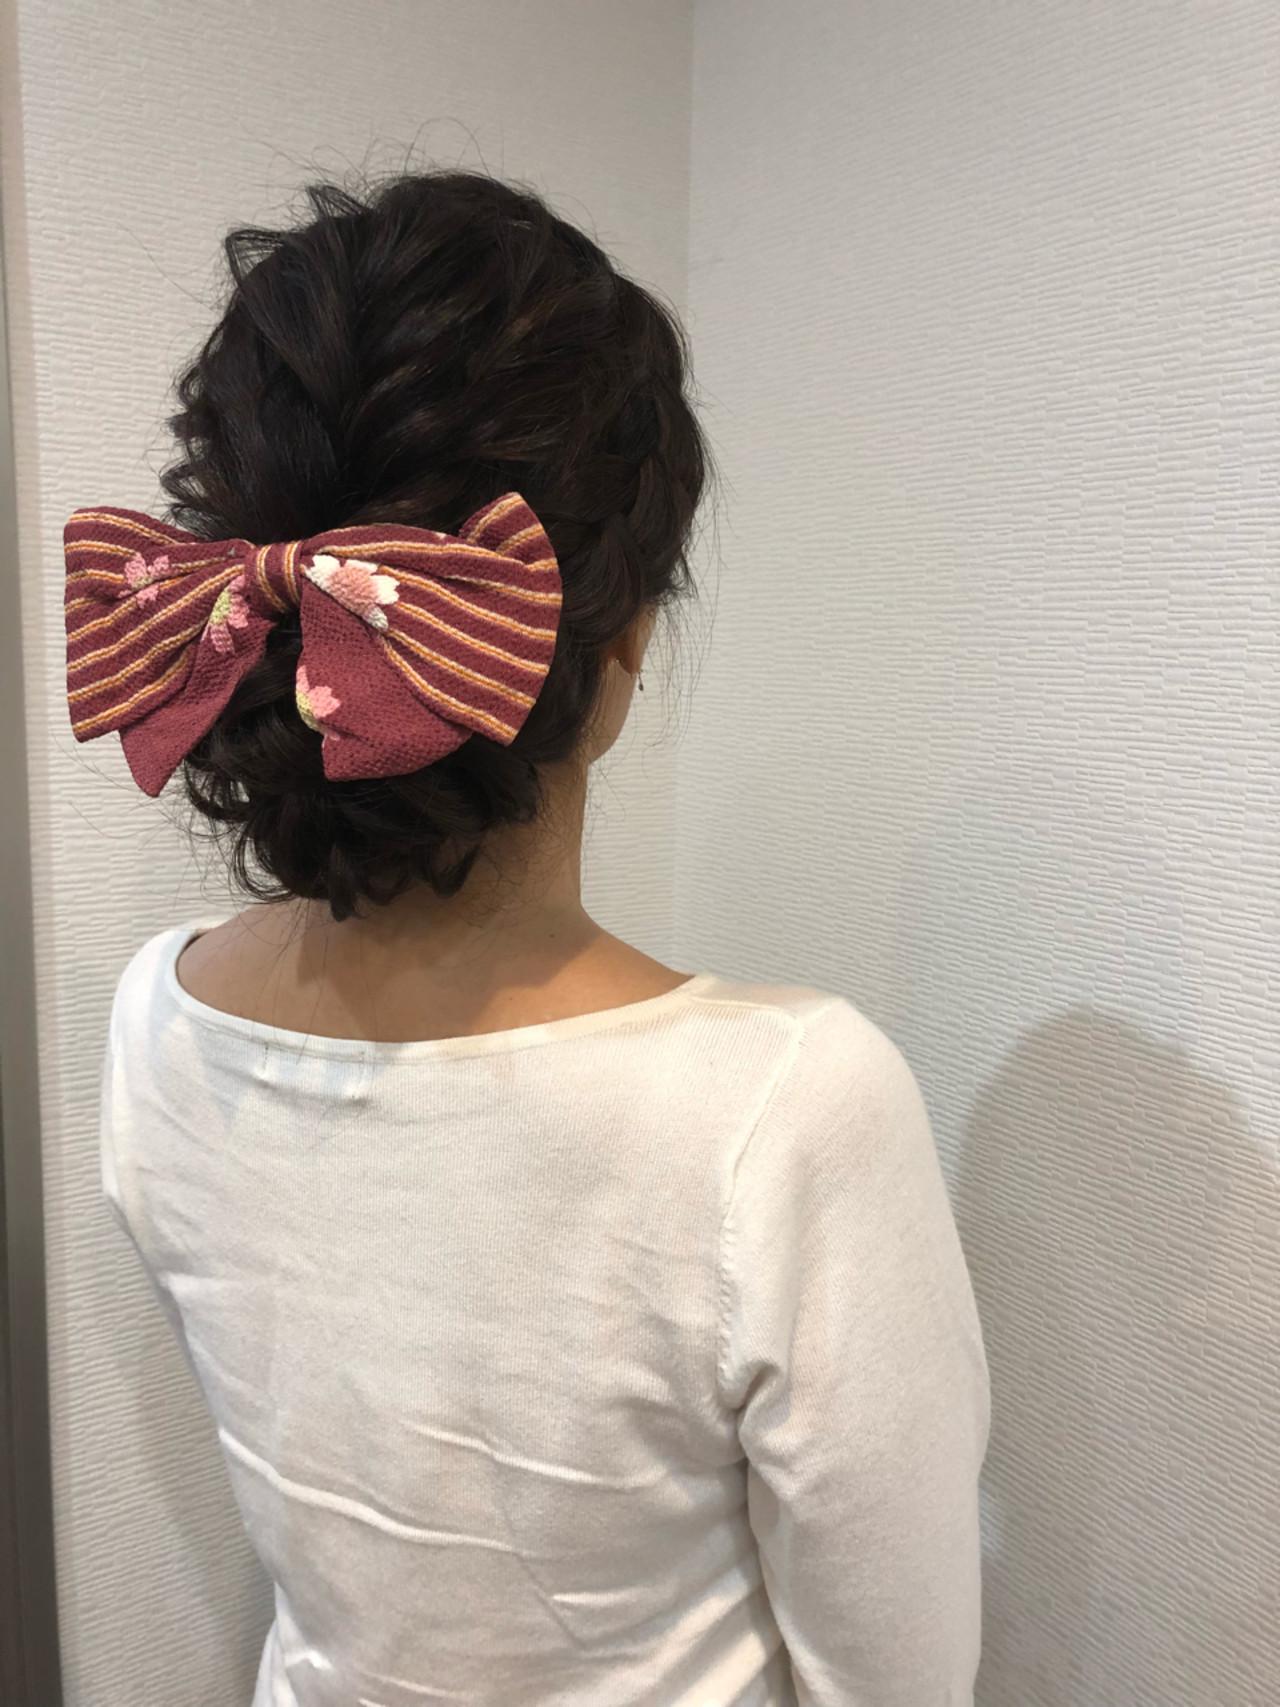 和装 アップスタイル フェミニン ヘアアレンジ ヘアスタイルや髪型の写真・画像